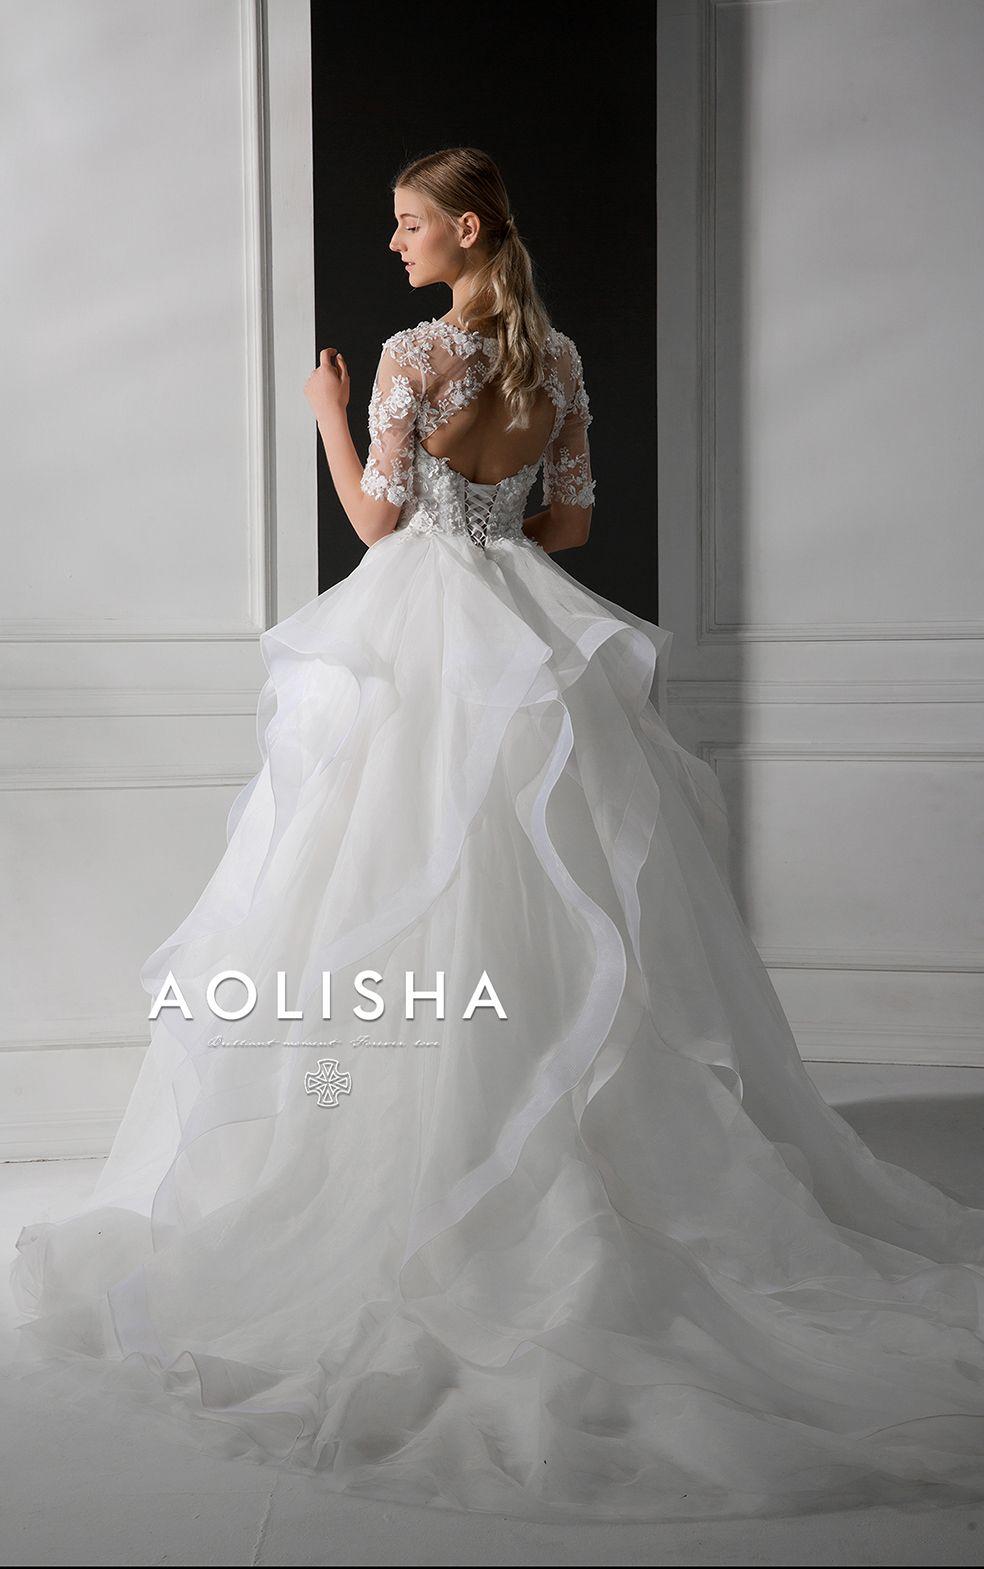 Aolisha wedding gown